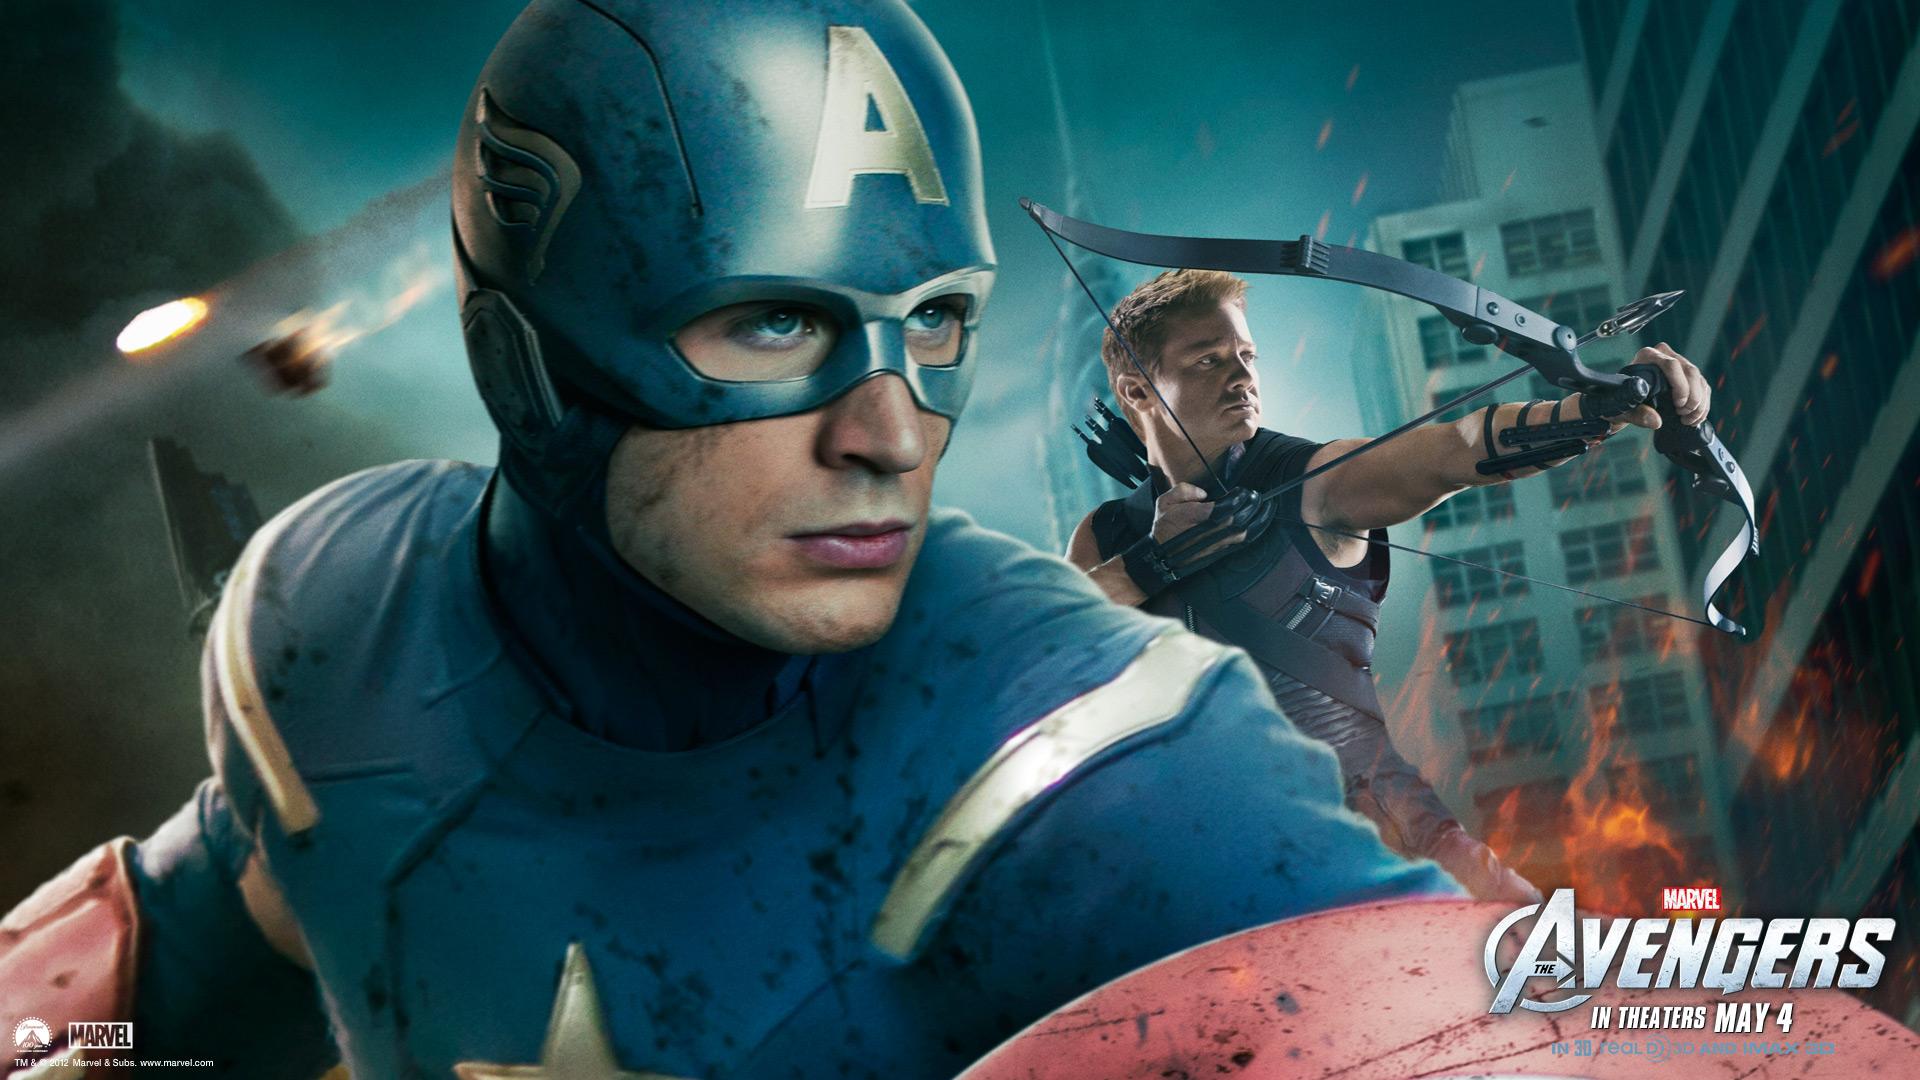 Avengers Avengers Wallpaper 4 Captain American Hawkeye Wallpaper